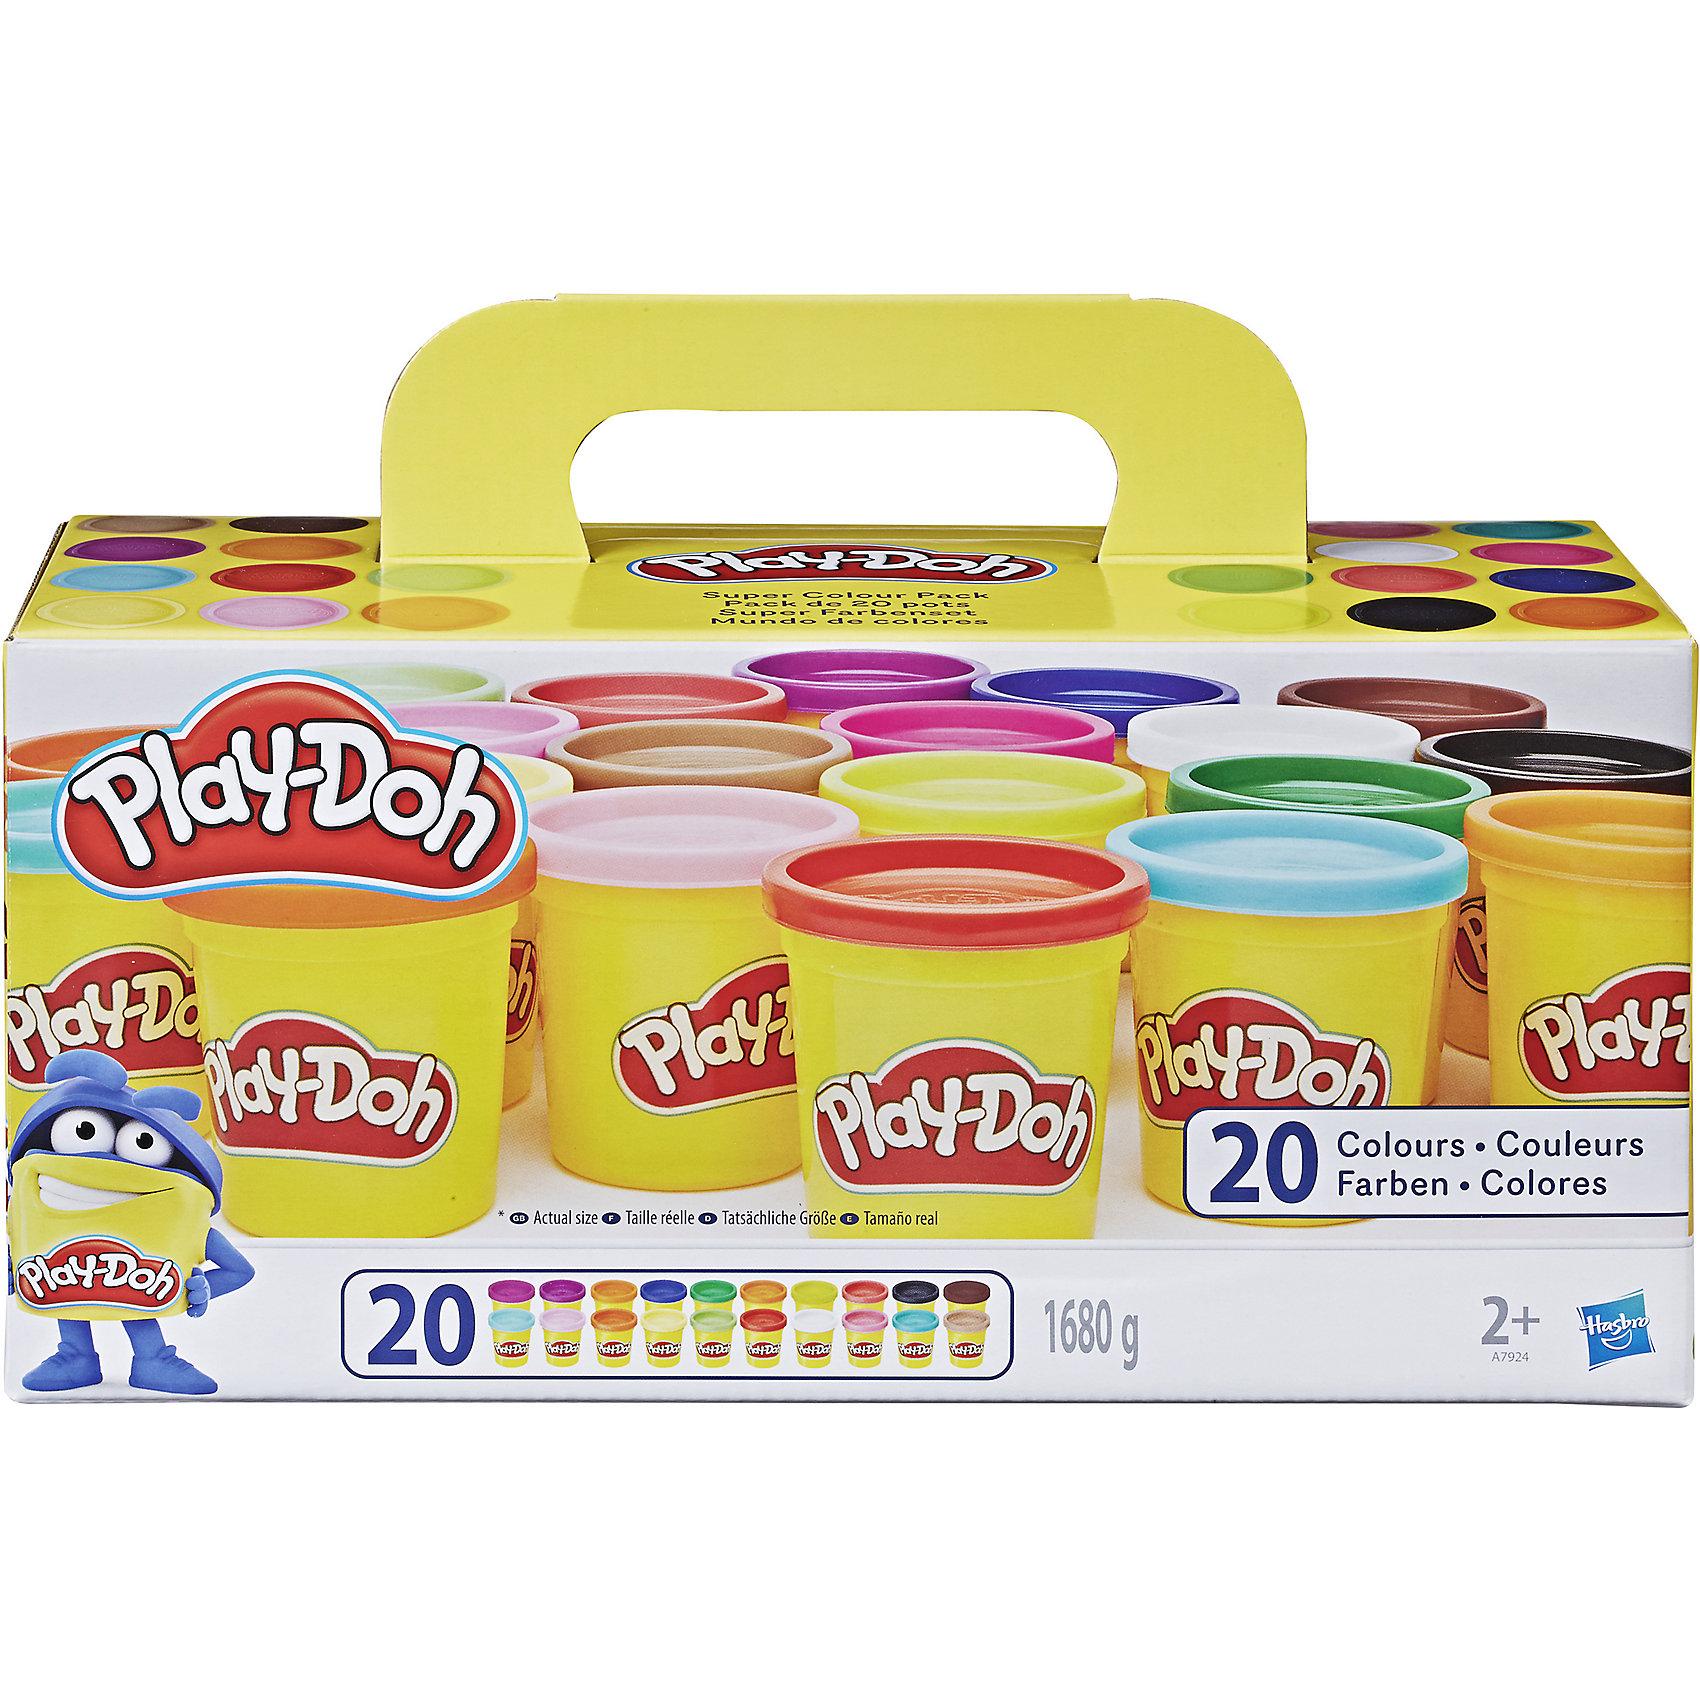 Набор пластилина из 20 баночек, Play-DohИдеи подарков<br>Набор яркого и мягкого пластилина из 20 баночек, Play-Doh (Плэй-До) понравится любому ребенку, который любит лепить, и будет способствовать развитию его мелкой моторики и творческих навыков! С помощью этого набора Ваш малыш сможет проявить свою фантазию, ведь из широкой палитры цветов можно создать красочное панно, фигурки животных, людей и другие поделки. Кроме того, пластилин Плэй-До абсолютно безвреден для Вашего ребенка, поскольку сделан из натуральных ингредиентов на основе пшеницы и безопасных красителей!<br><br>Характеристики:<br>-Пластичен, податлив<br>-Не липнет к рукам, не оставляет пятен на поверхностях<br>-Быстро затвердевает на воздухе, но размягчается при добавлении воды<br>-Не имеет запаха<br>-Натуральные ингредиенты на основе пшеницы, безопасные красители без химических веществ<br>-Развивает: мелкую моторику, цветовосприятие, творческие навыки, фантазию<br> <br>Комплектация: 20 баночек разноцветного пластилина по 84 г каждая<br><br>Дополнительная информация:<br>-Вес одной баночки: 84 г  <br>-Материалы: пластилин на основе пищевых ингредиентов (пшеница), красители, пластик<br><br>Набора из 20 баночек разноцветного пластилина хватит на всех, он идеально подойдет для любого детского праздника и в качестве подарка – малыши будут с удовольствием лепить, развивая воображение, моторику рук, творческие навыки! <br><br>Набор пластилина из 20 баночек, Play-Doh (Плэй-До) можно купить в нашем магазине.<br><br>Ширина мм: 298<br>Глубина мм: 124<br>Высота мм: 144<br>Вес г: 2128<br>Возраст от месяцев: 24<br>Возраст до месяцев: 60<br>Пол: Унисекс<br>Возраст: Детский<br>SKU: 3766230